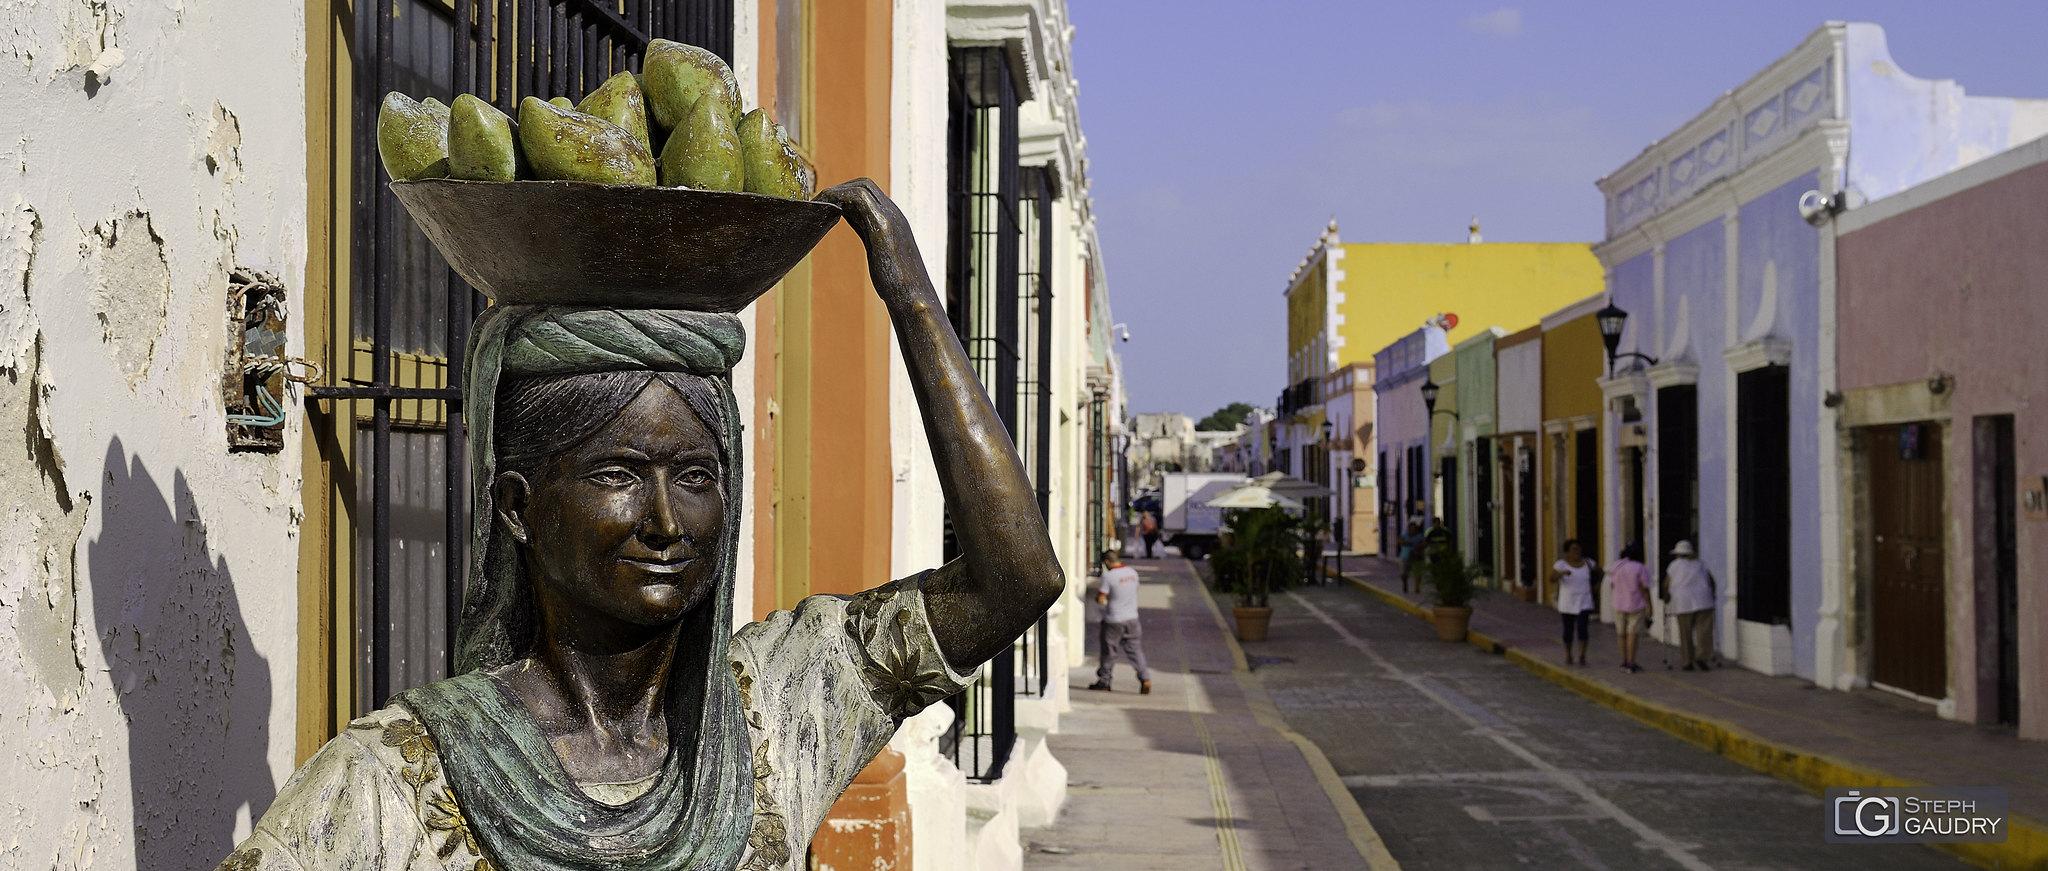 Campeche - Statue de femme avec panier de fruits